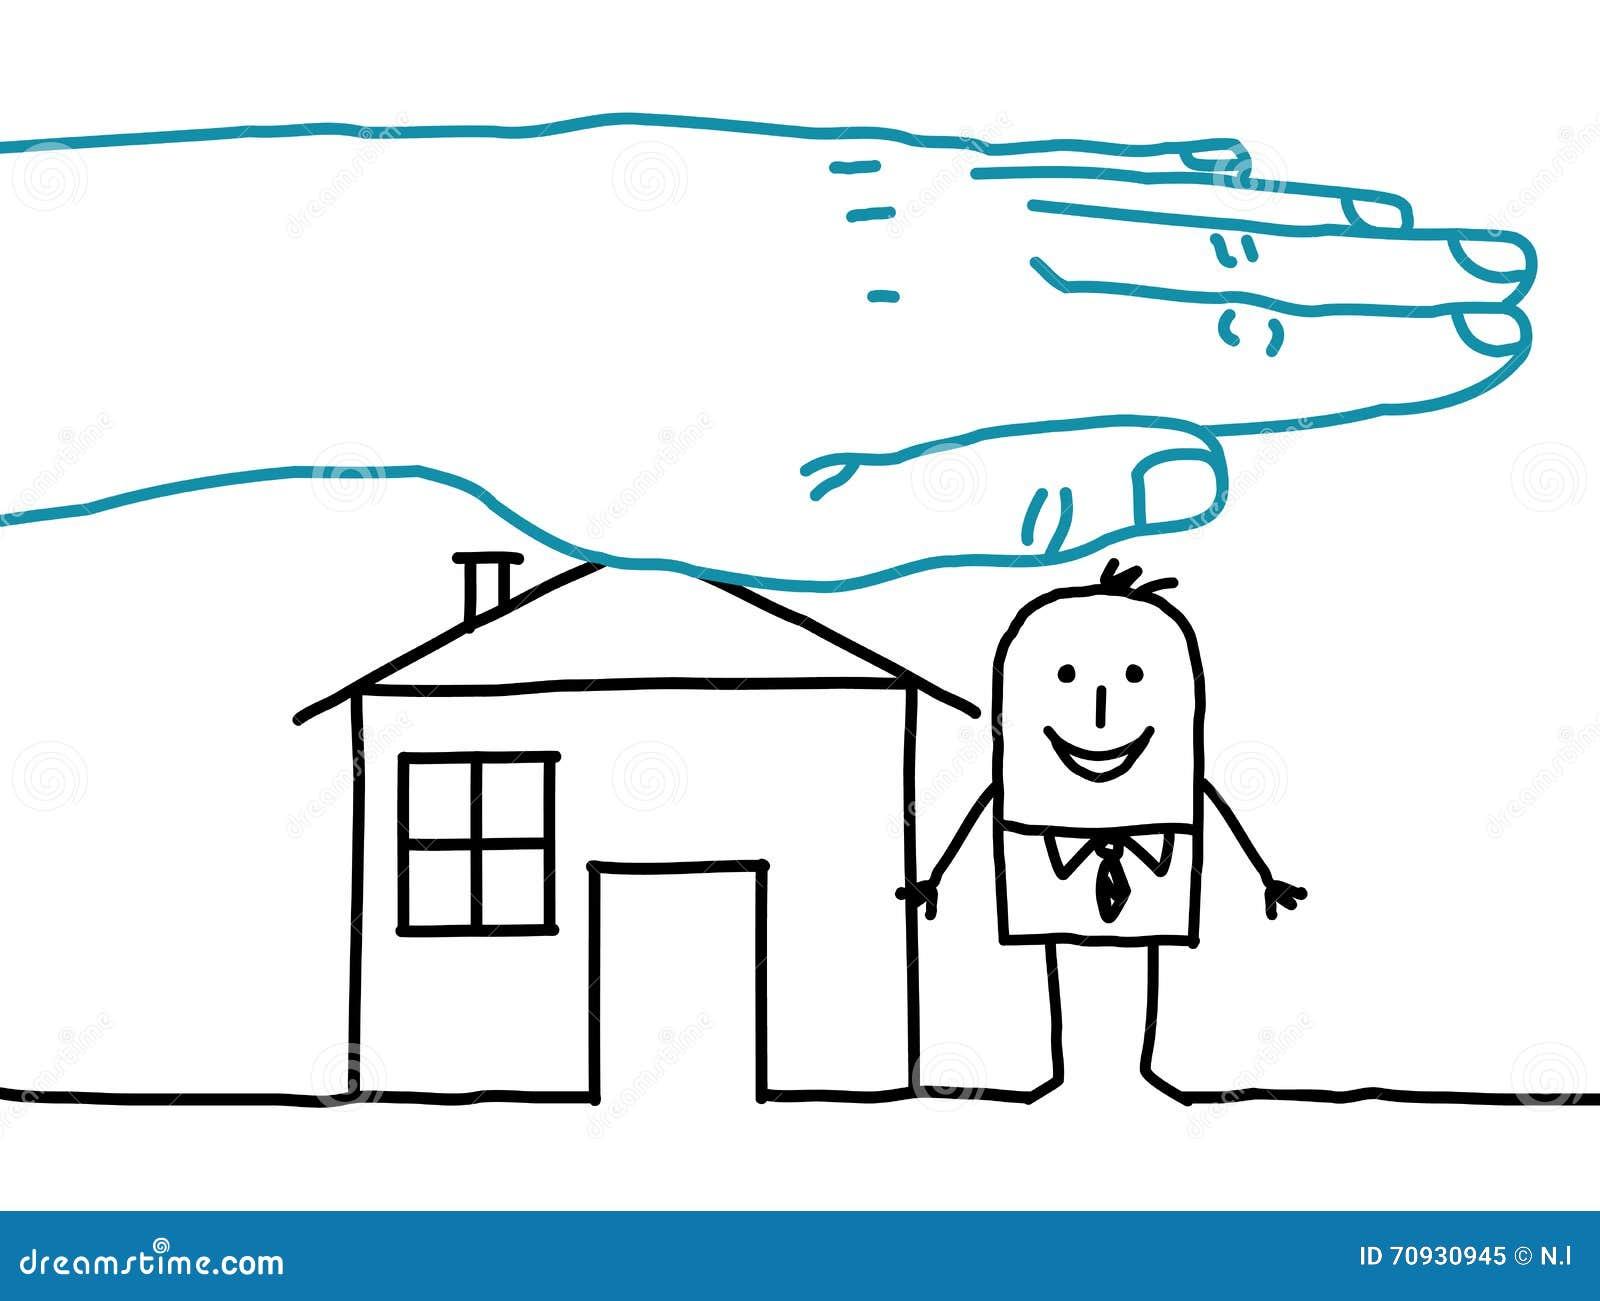 Maison assurance latest trouver la meilleure assurance for Assurance habitation maison mobile